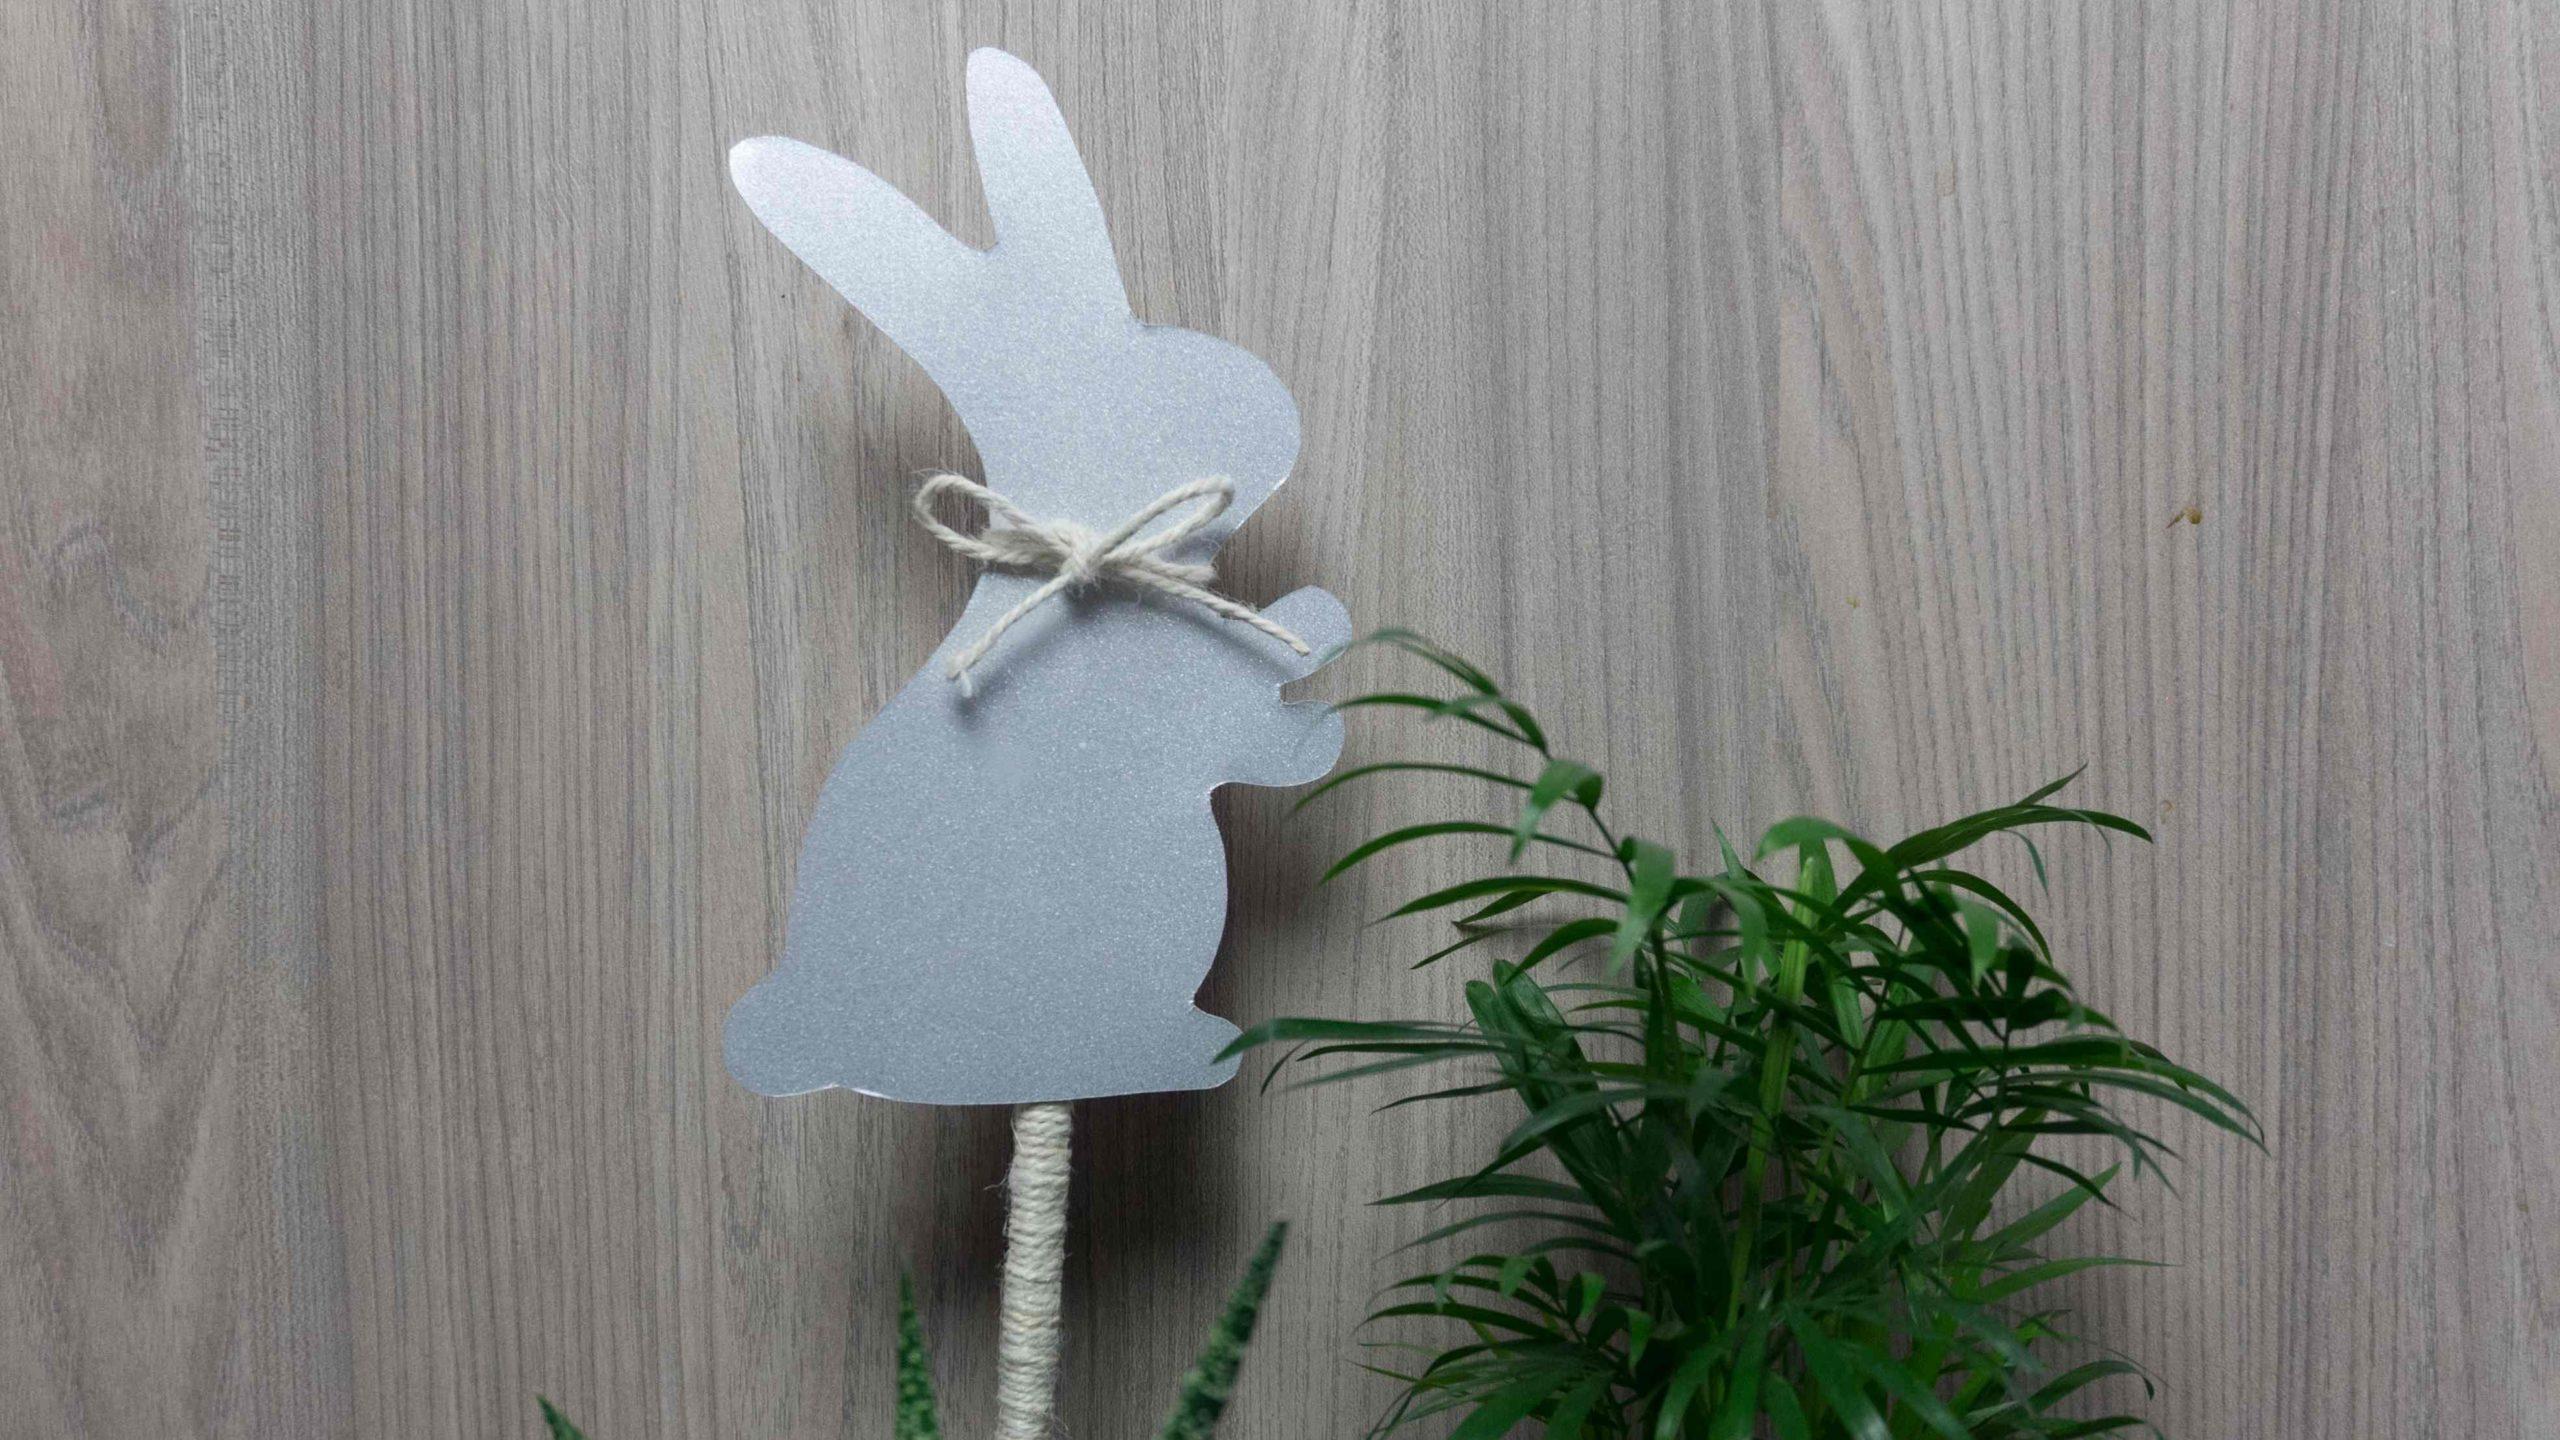 Egyszerű húsvéti nyuszis dekoráció agyagcserépben